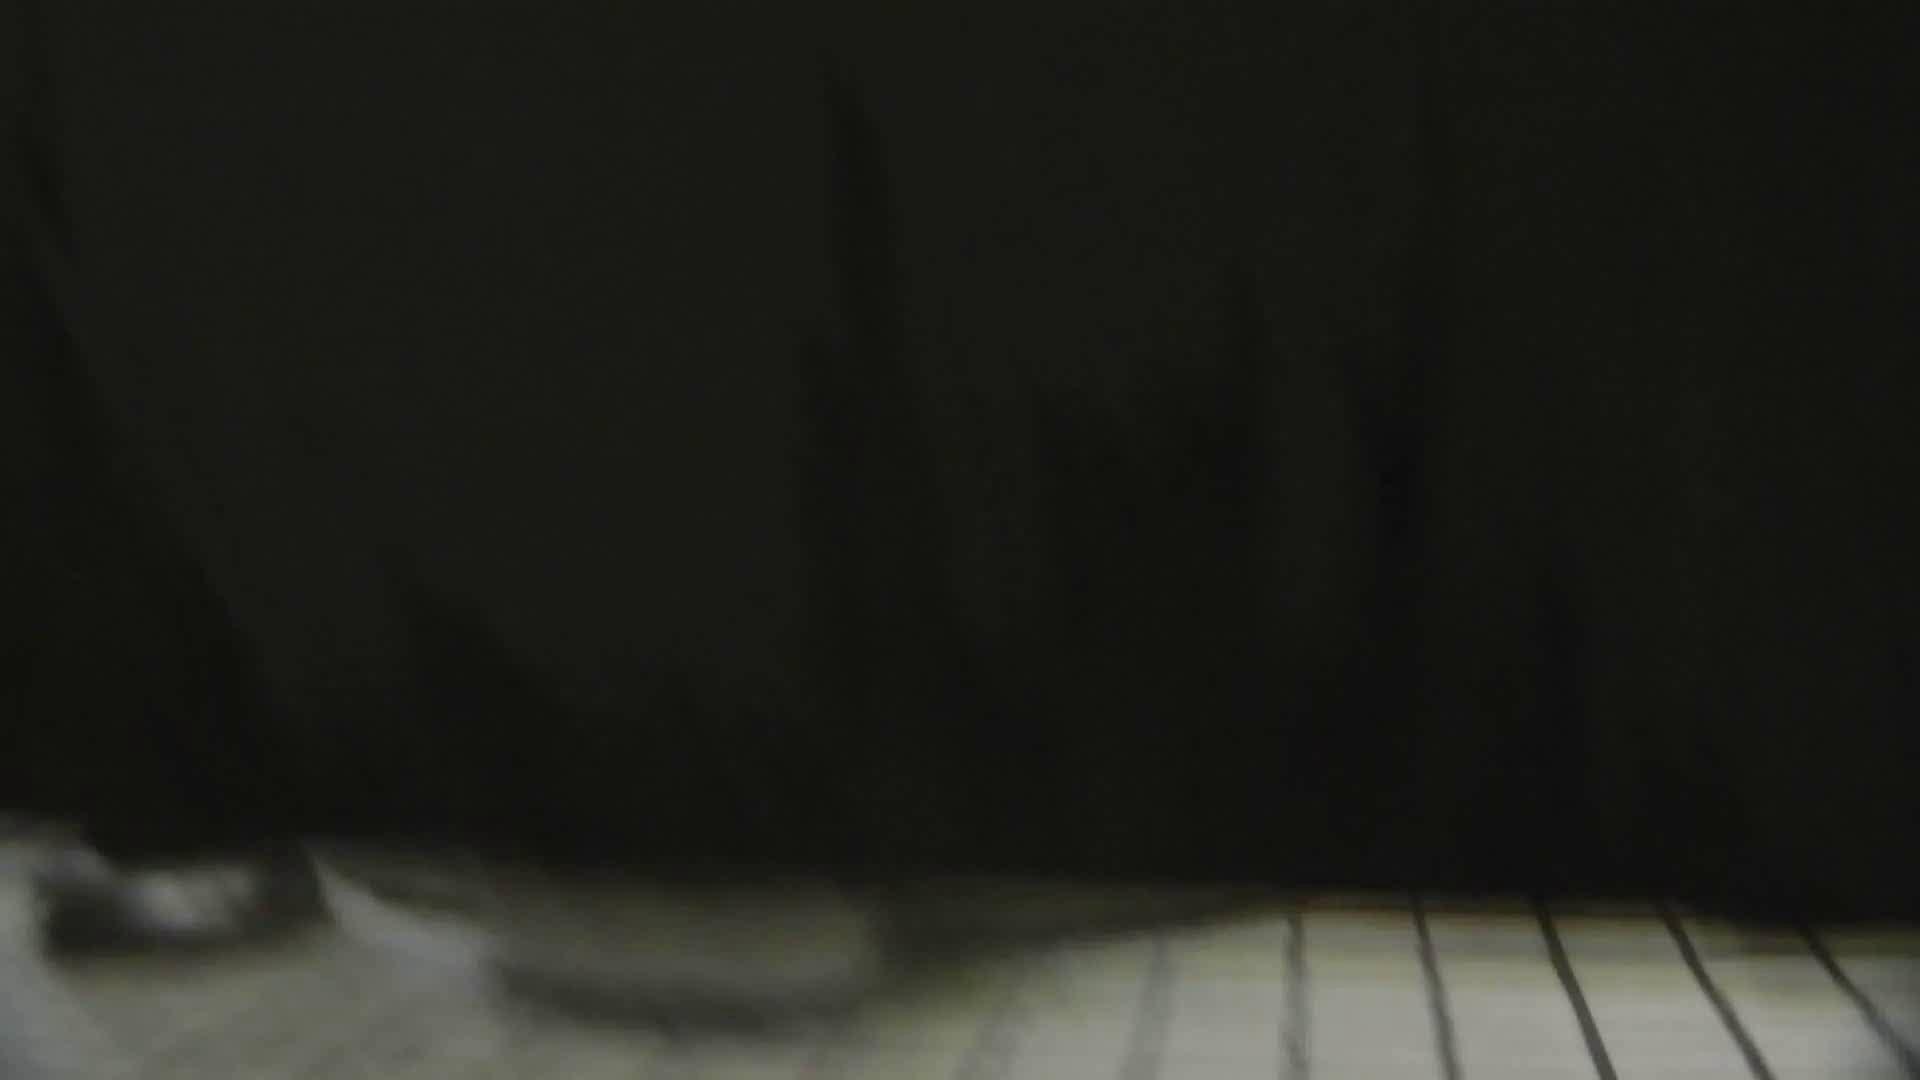 【美しき個室な世界】vol.015 特攻隊の軌跡 洗面所 おまんこ動画流出 79pic 39